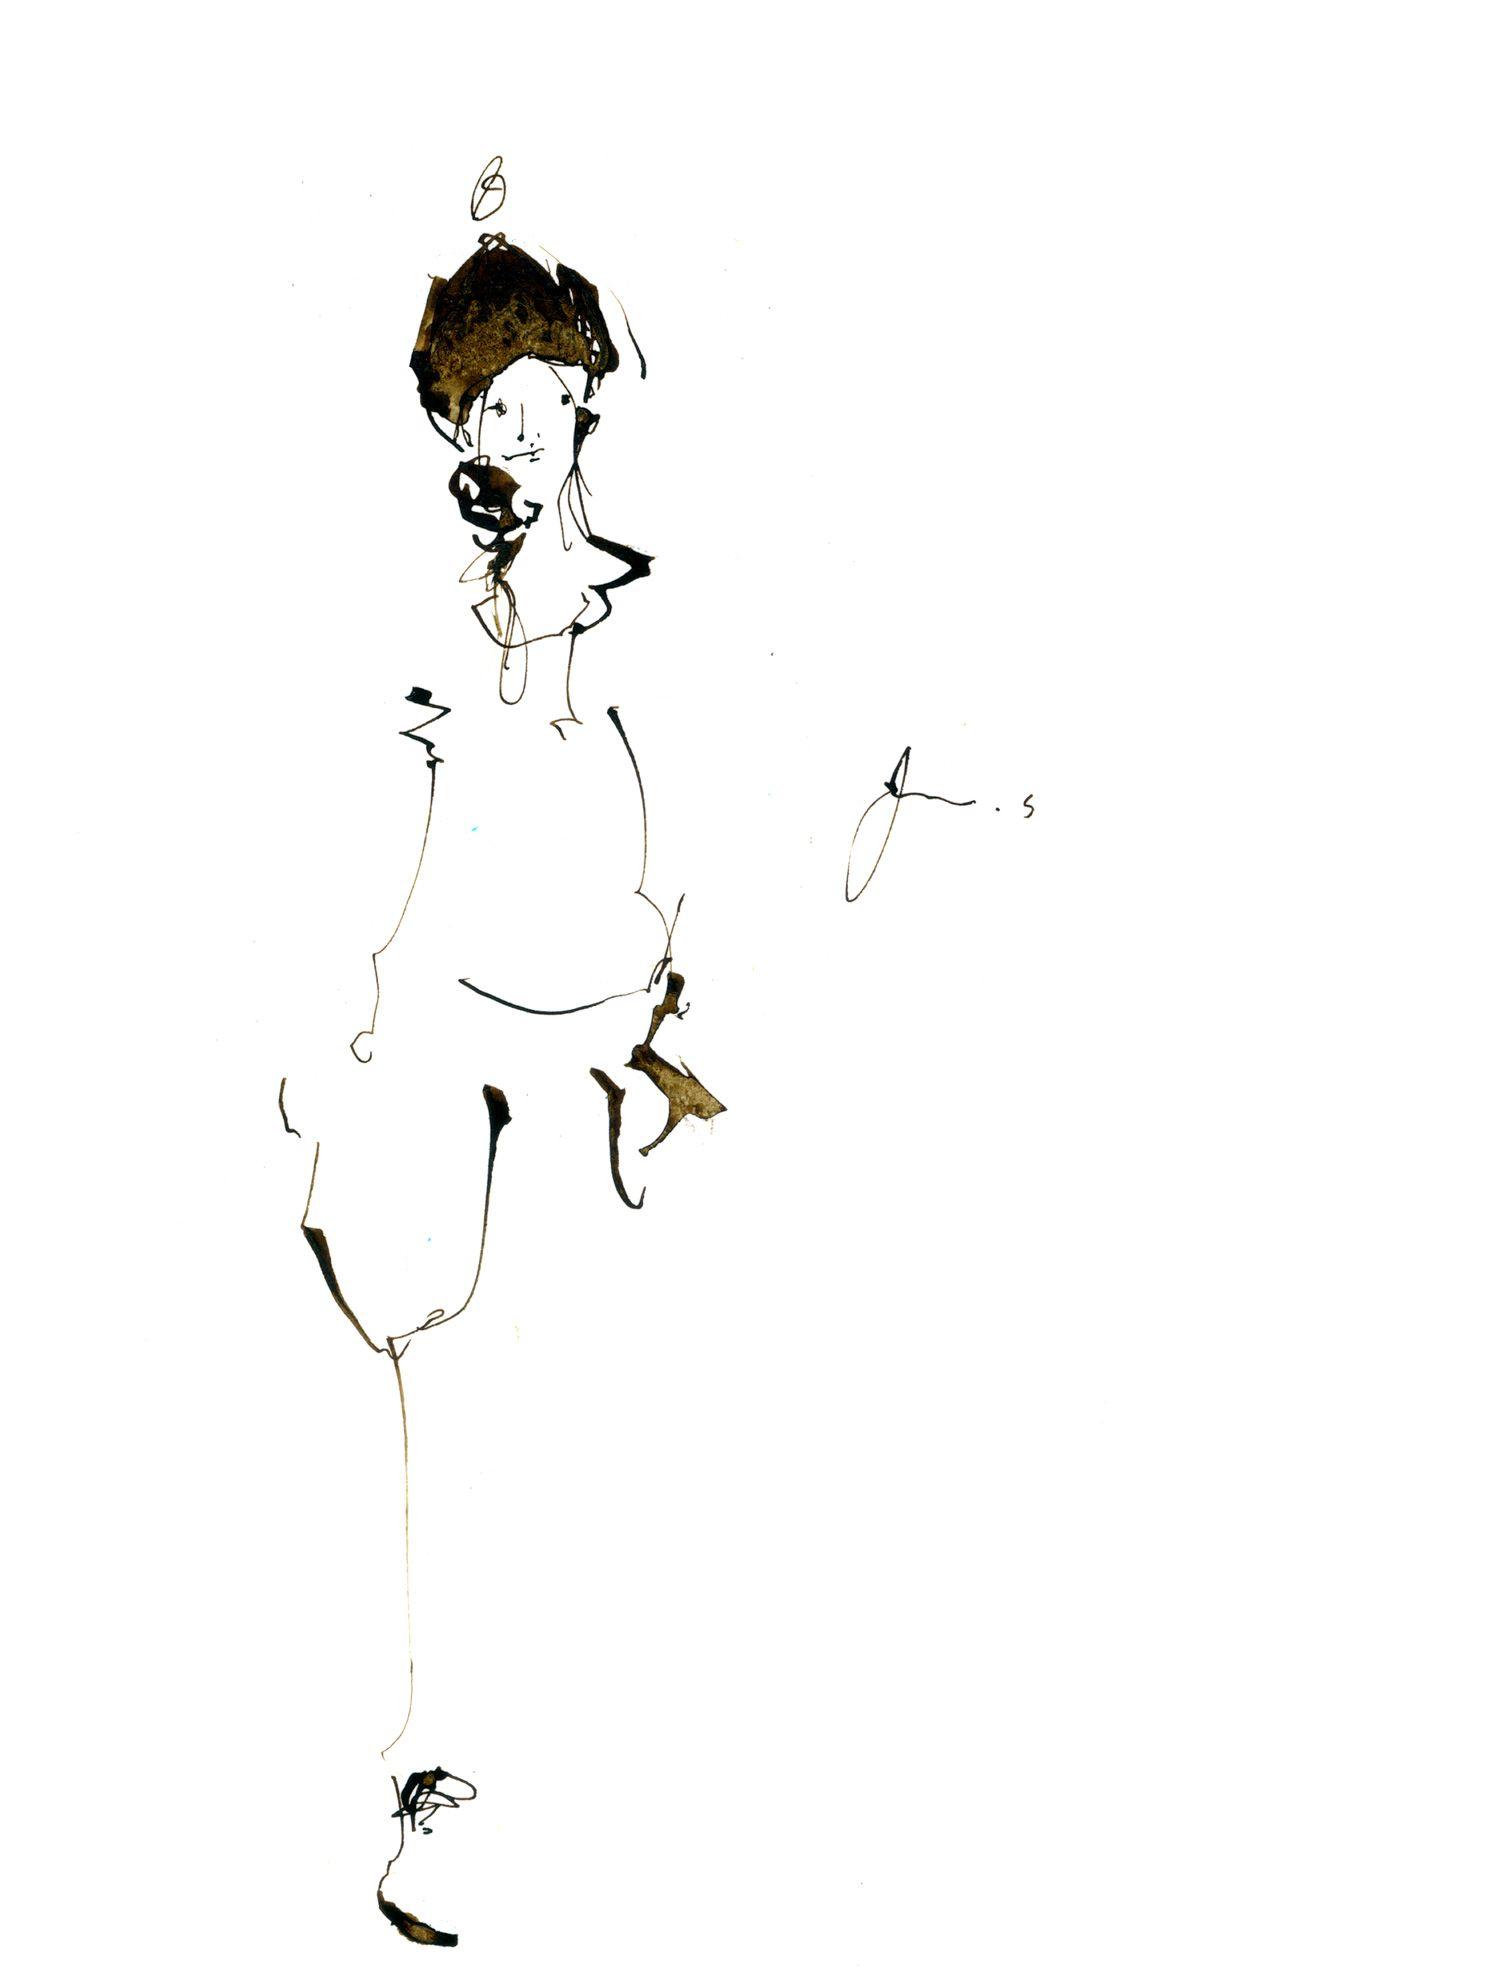 イラスト #女の子 #女性 #アート #ドローイング #インク #ペン #かわいい